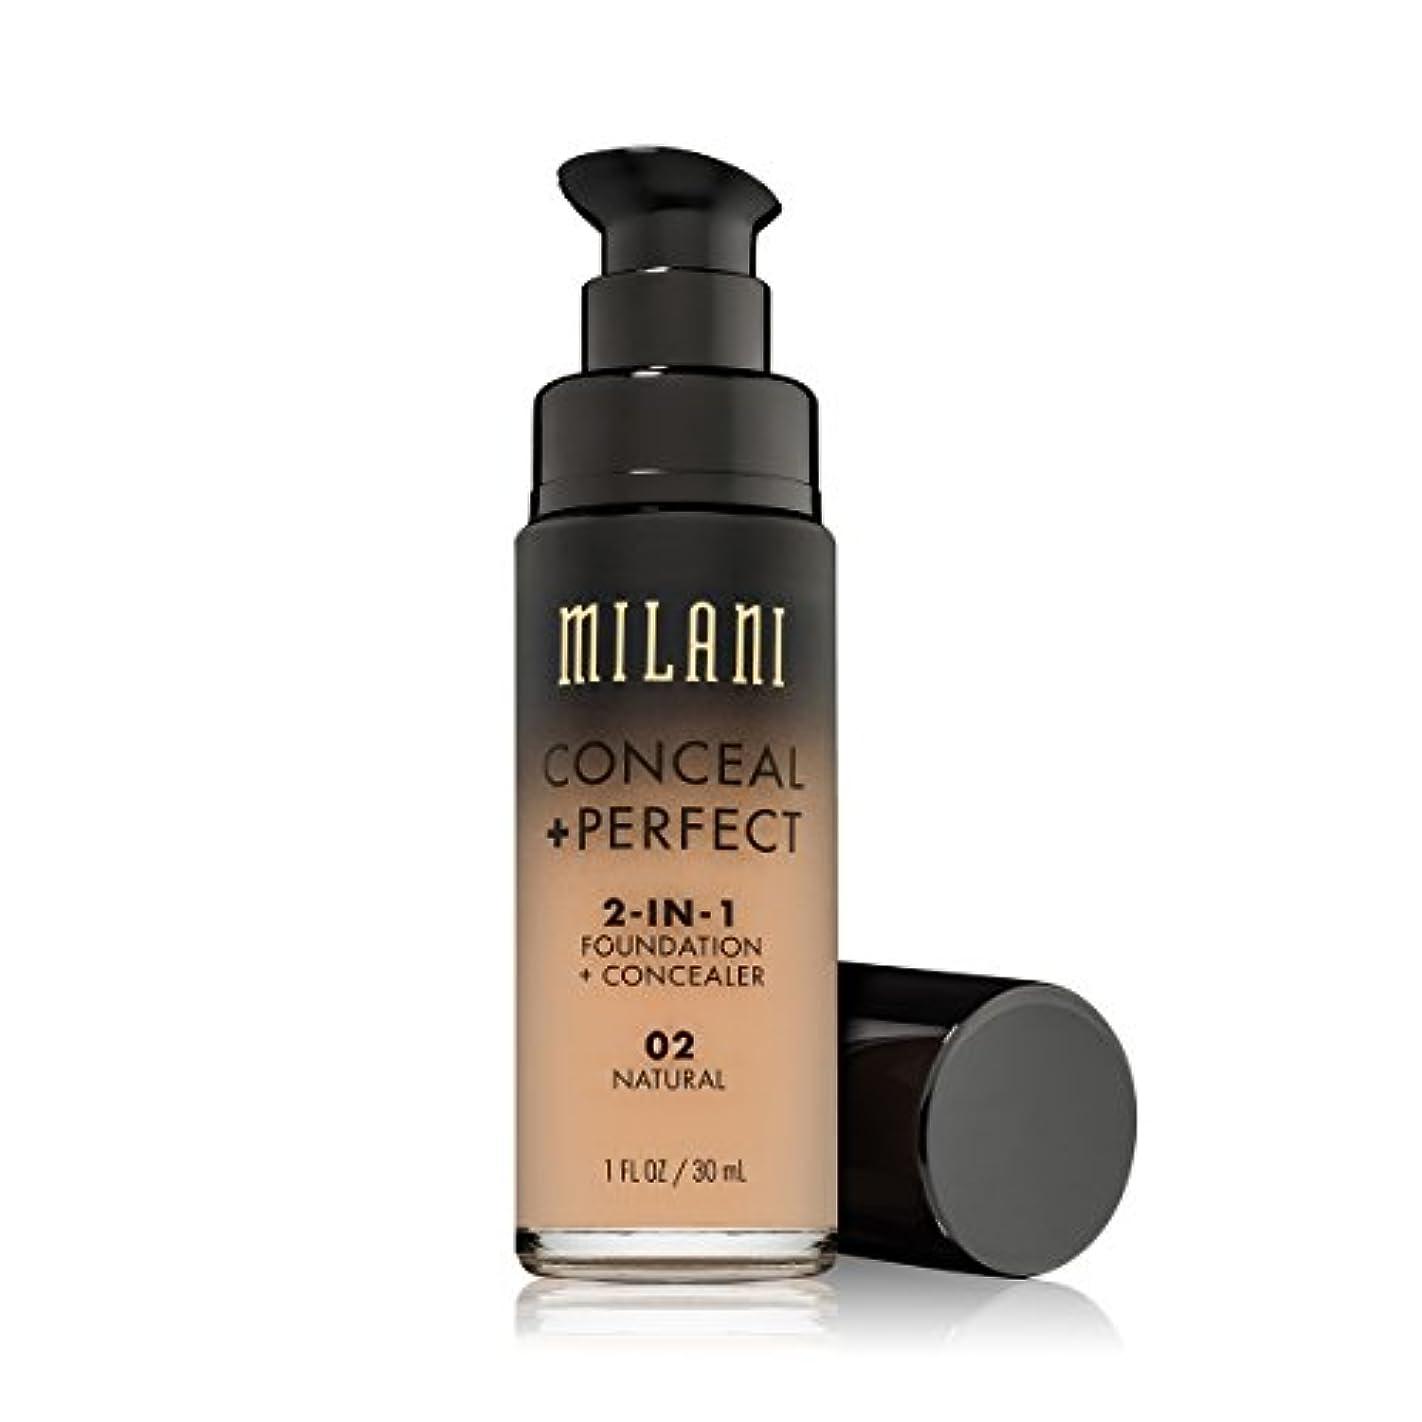 入り口銀行所属MILANI Conceal + Perfect 2-In-1 Foundation + Concealer - Natural (並行輸入品)